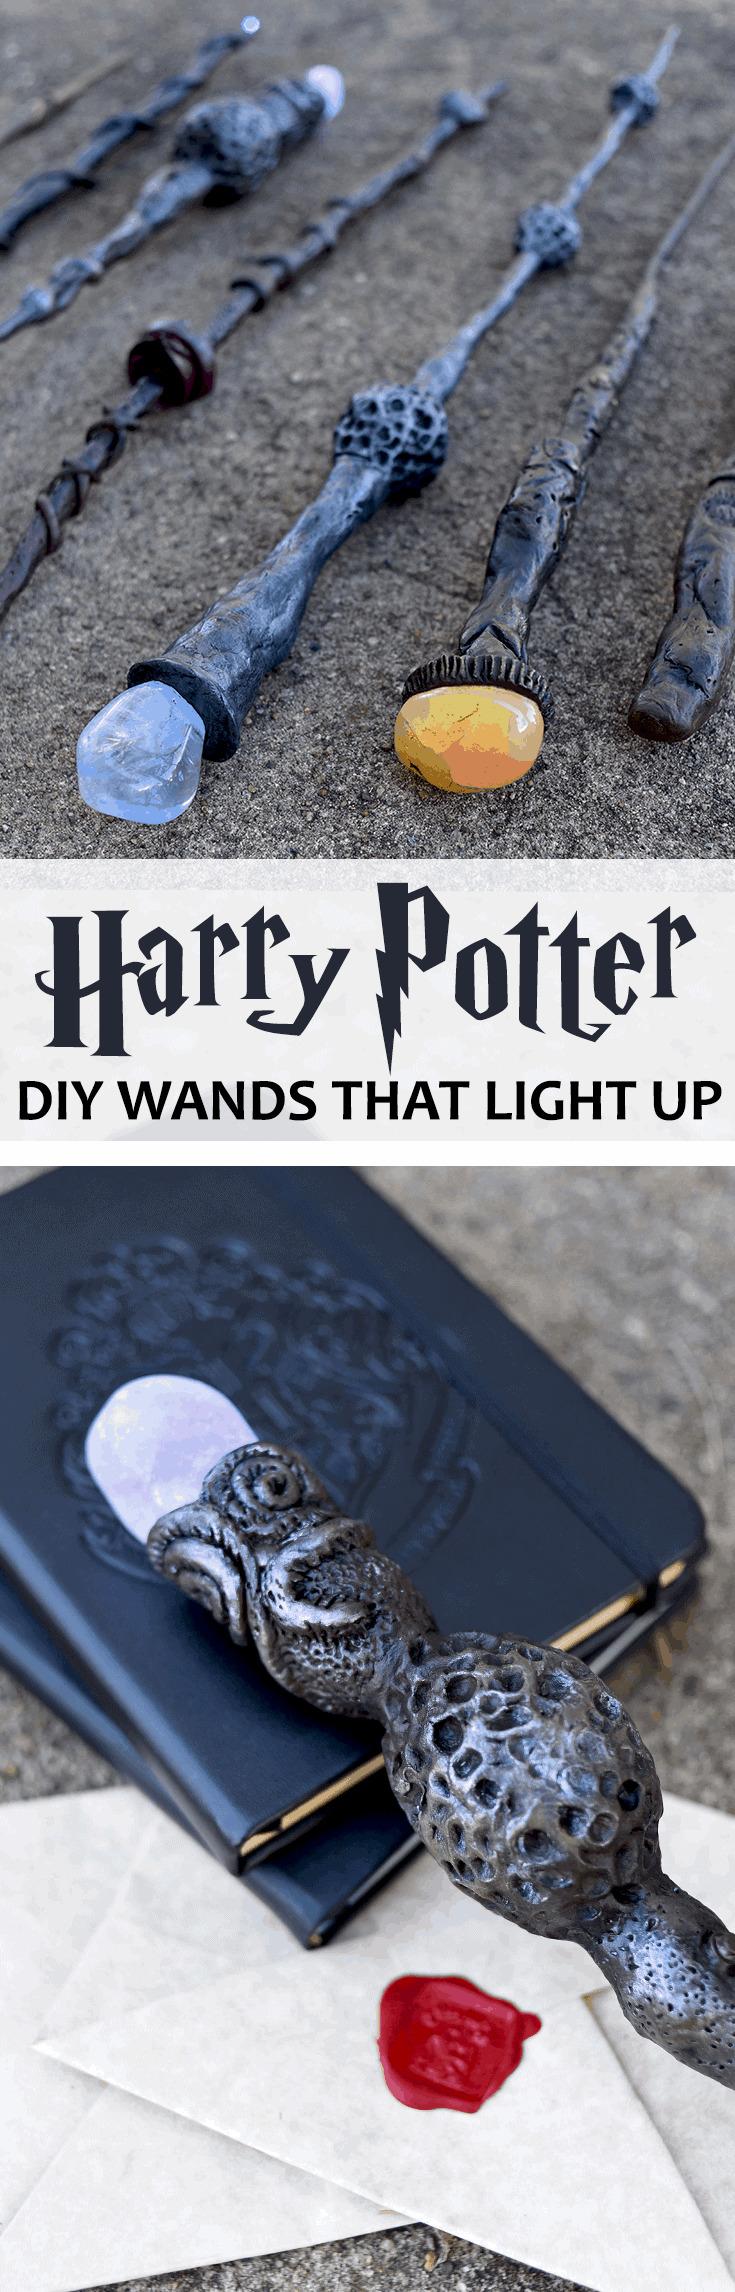 DIY HARRY POTTER WANDS PIN - DIY Harry Potter Wands